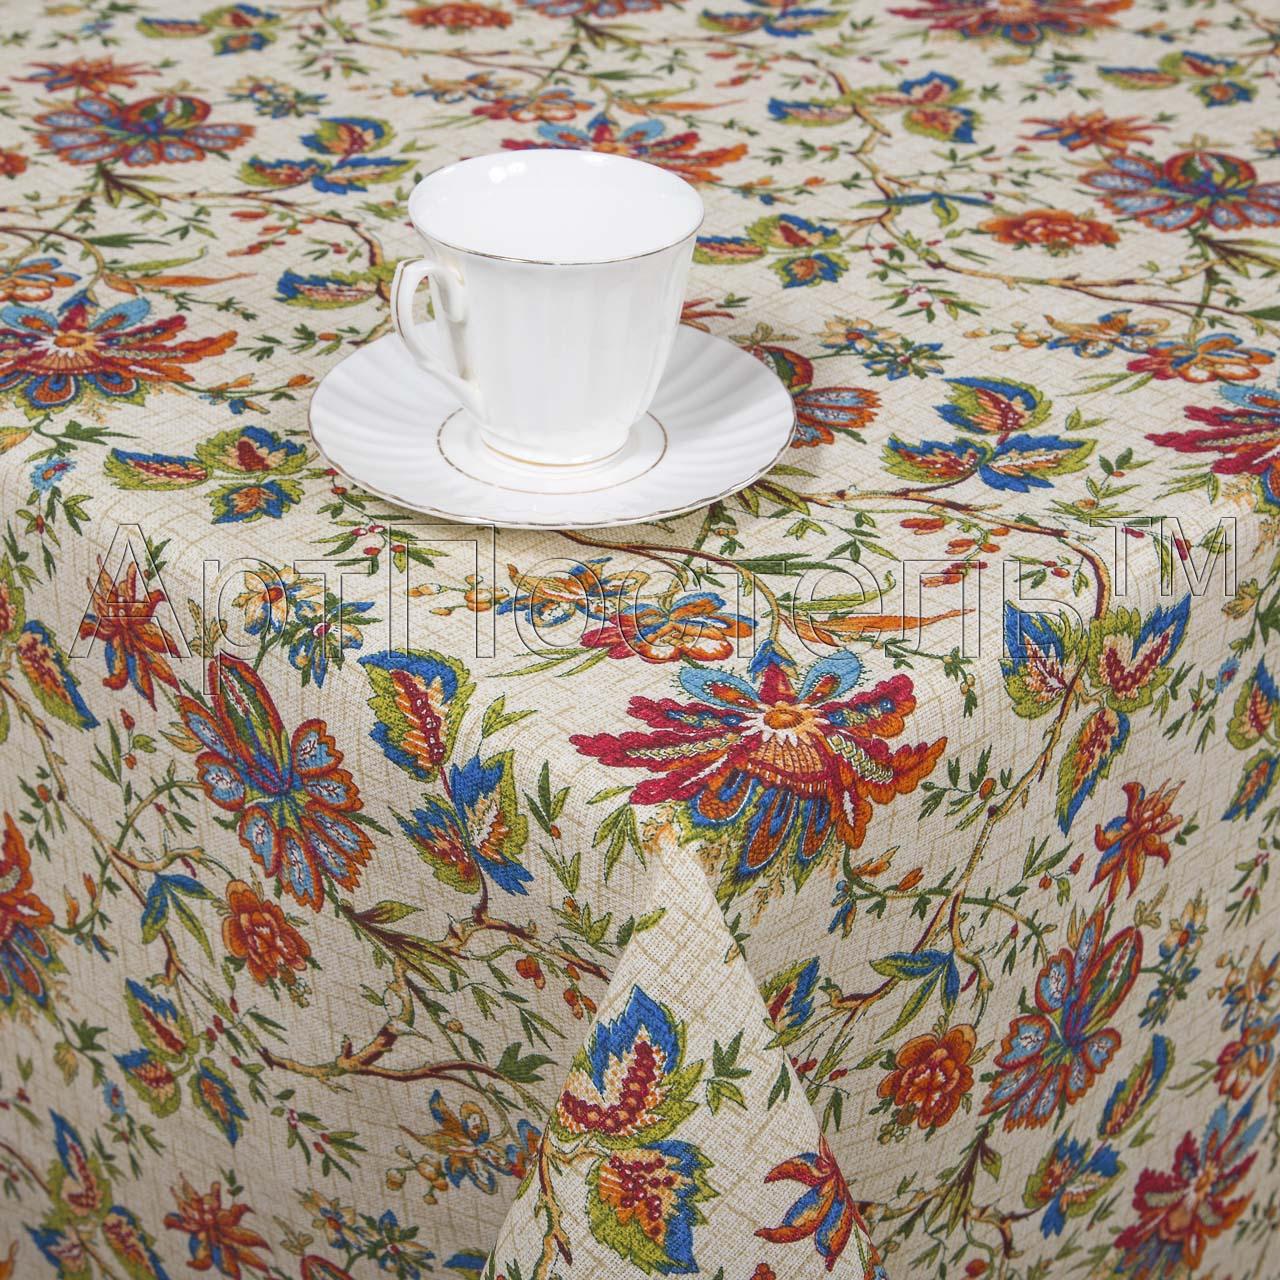 Скатерть  Венесуэла  р. 260х145 - Текстиль для дома артикул: 27070